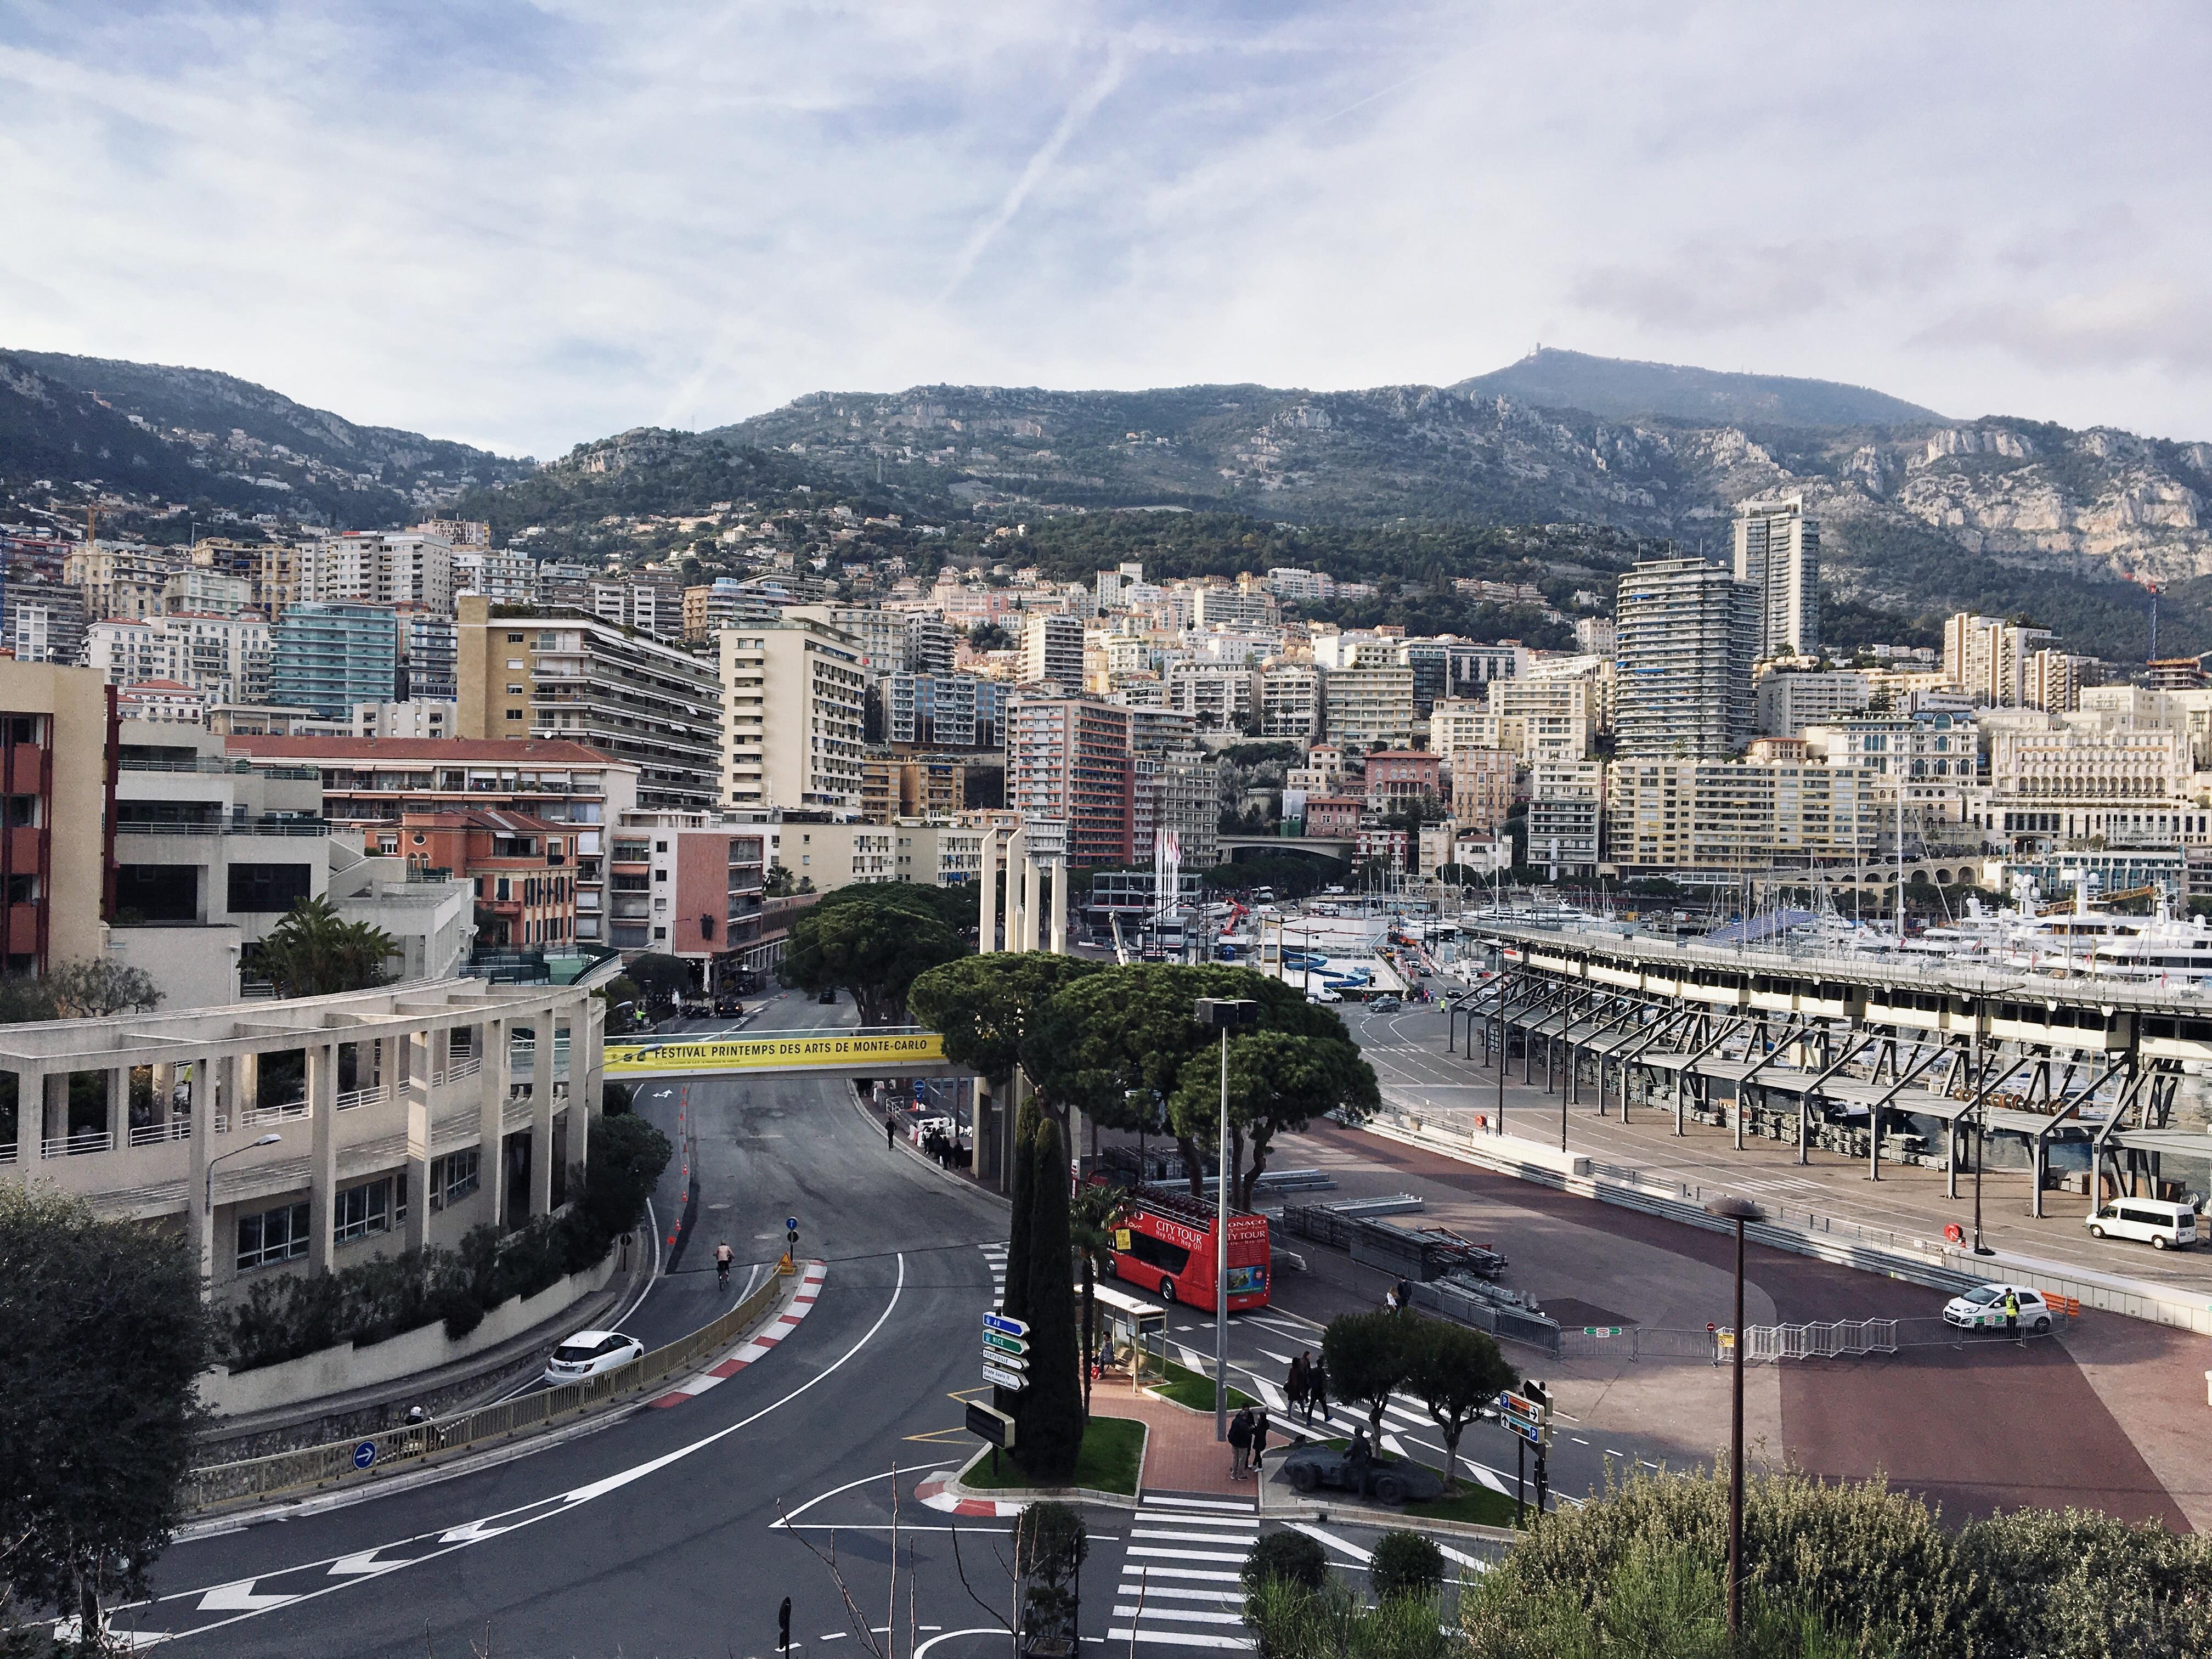 【希臘】交通篇|如何前往 聖托里尼|交通攻略 How to Get to Santorini